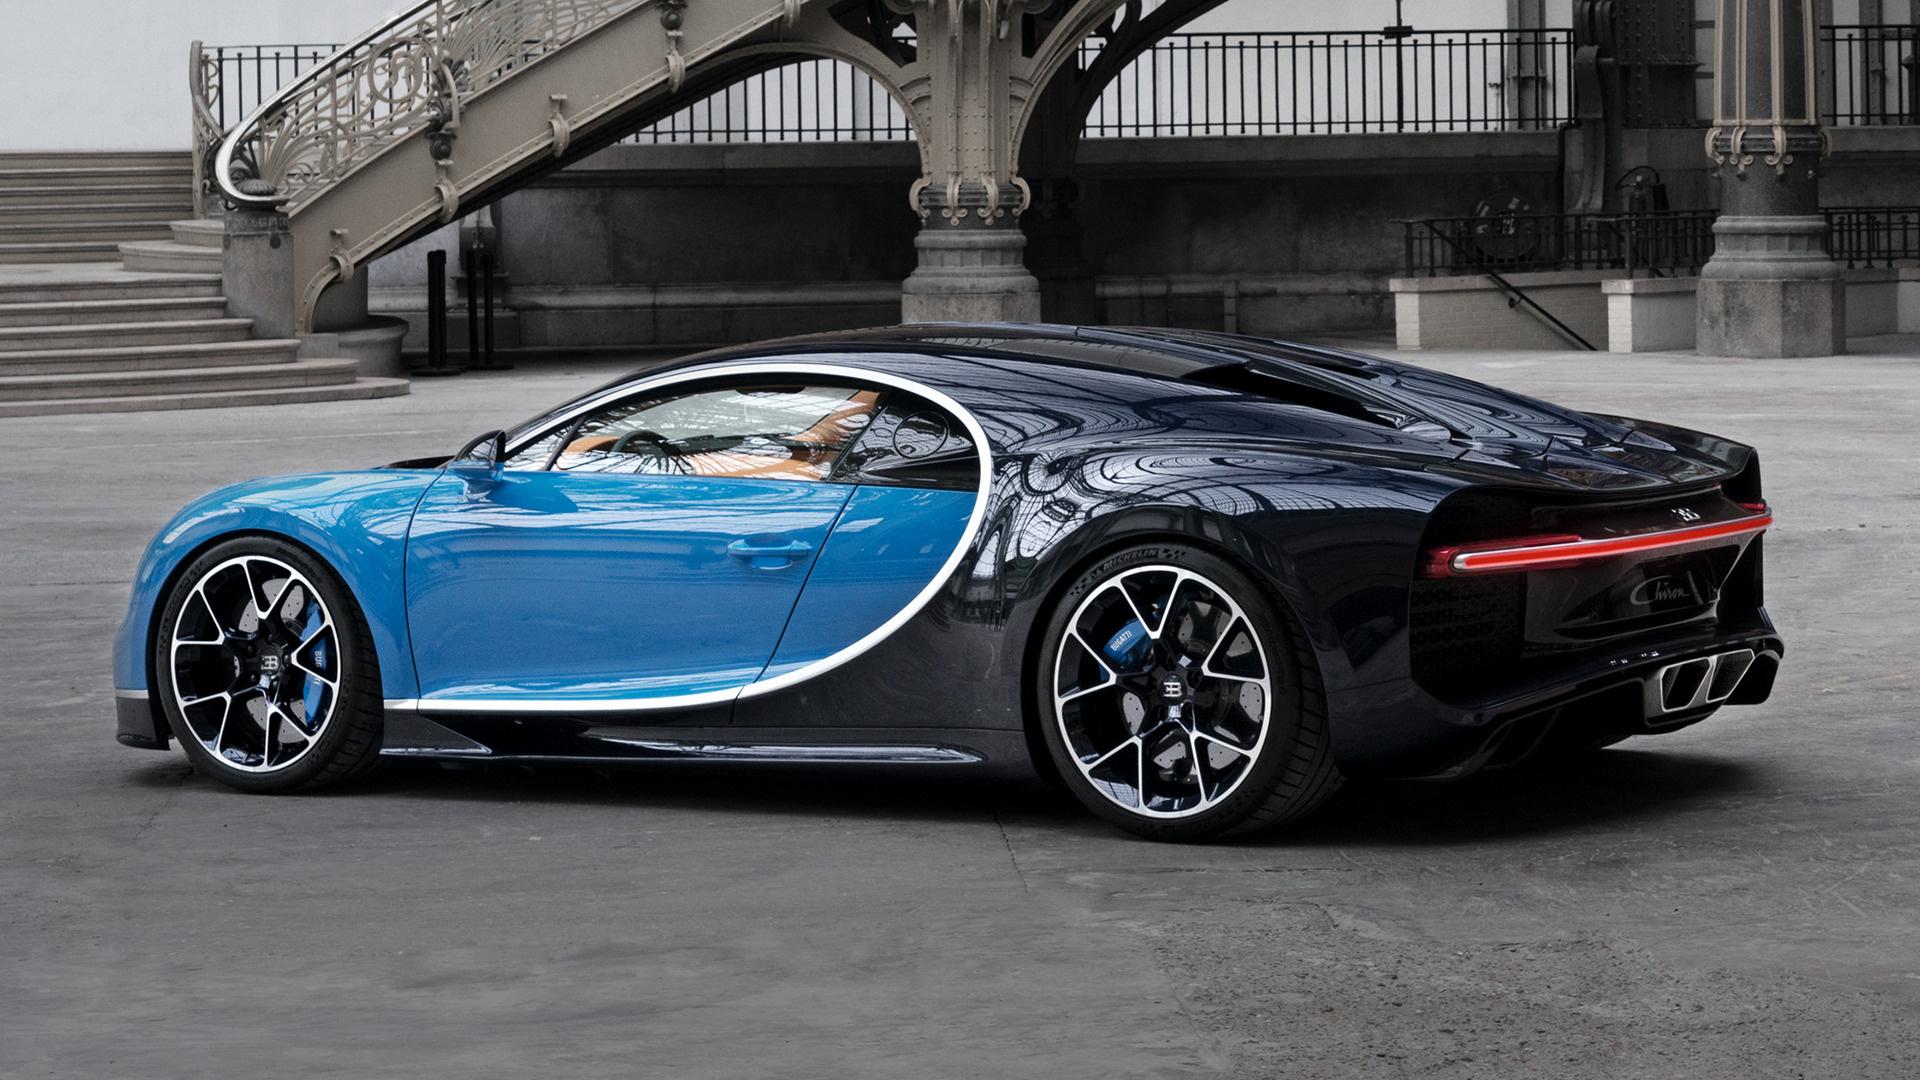 carpixel_net-2016-bugatti-chiron-39894-hd